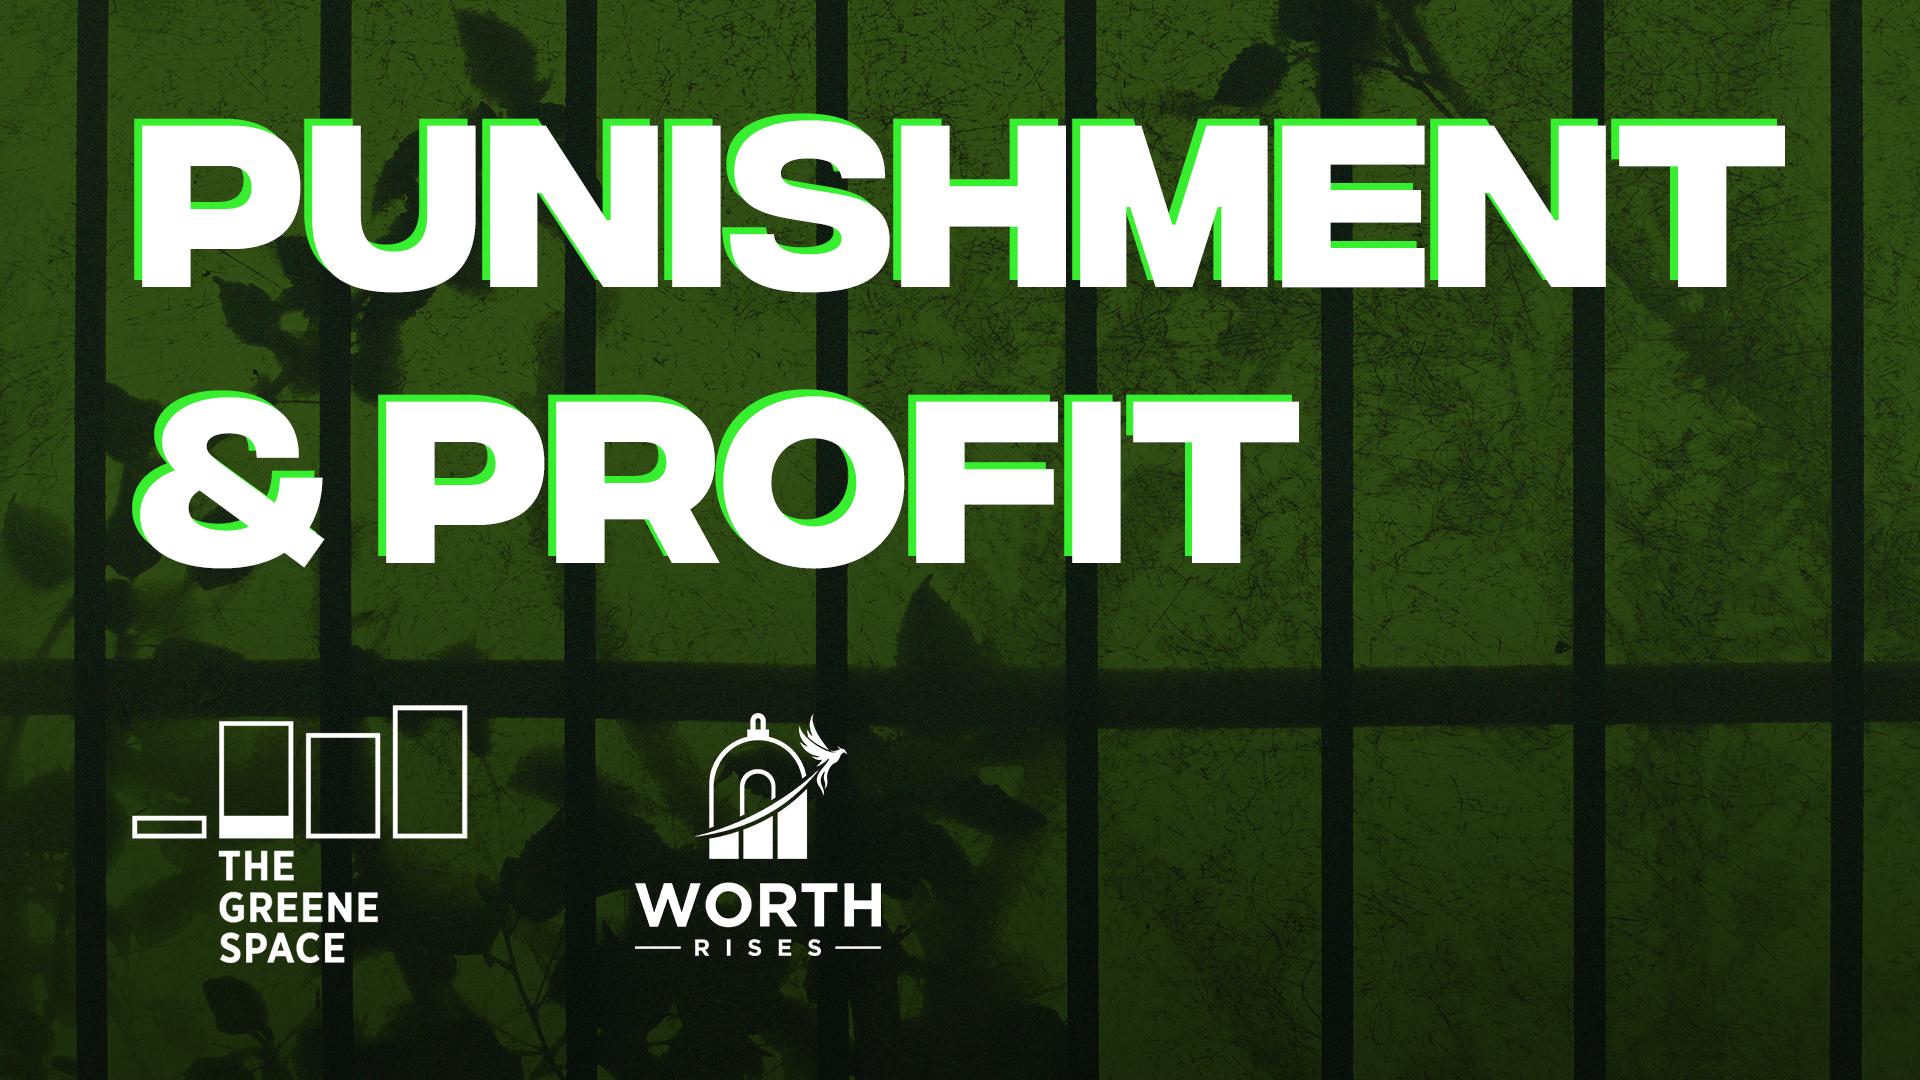 Punishment & Profit